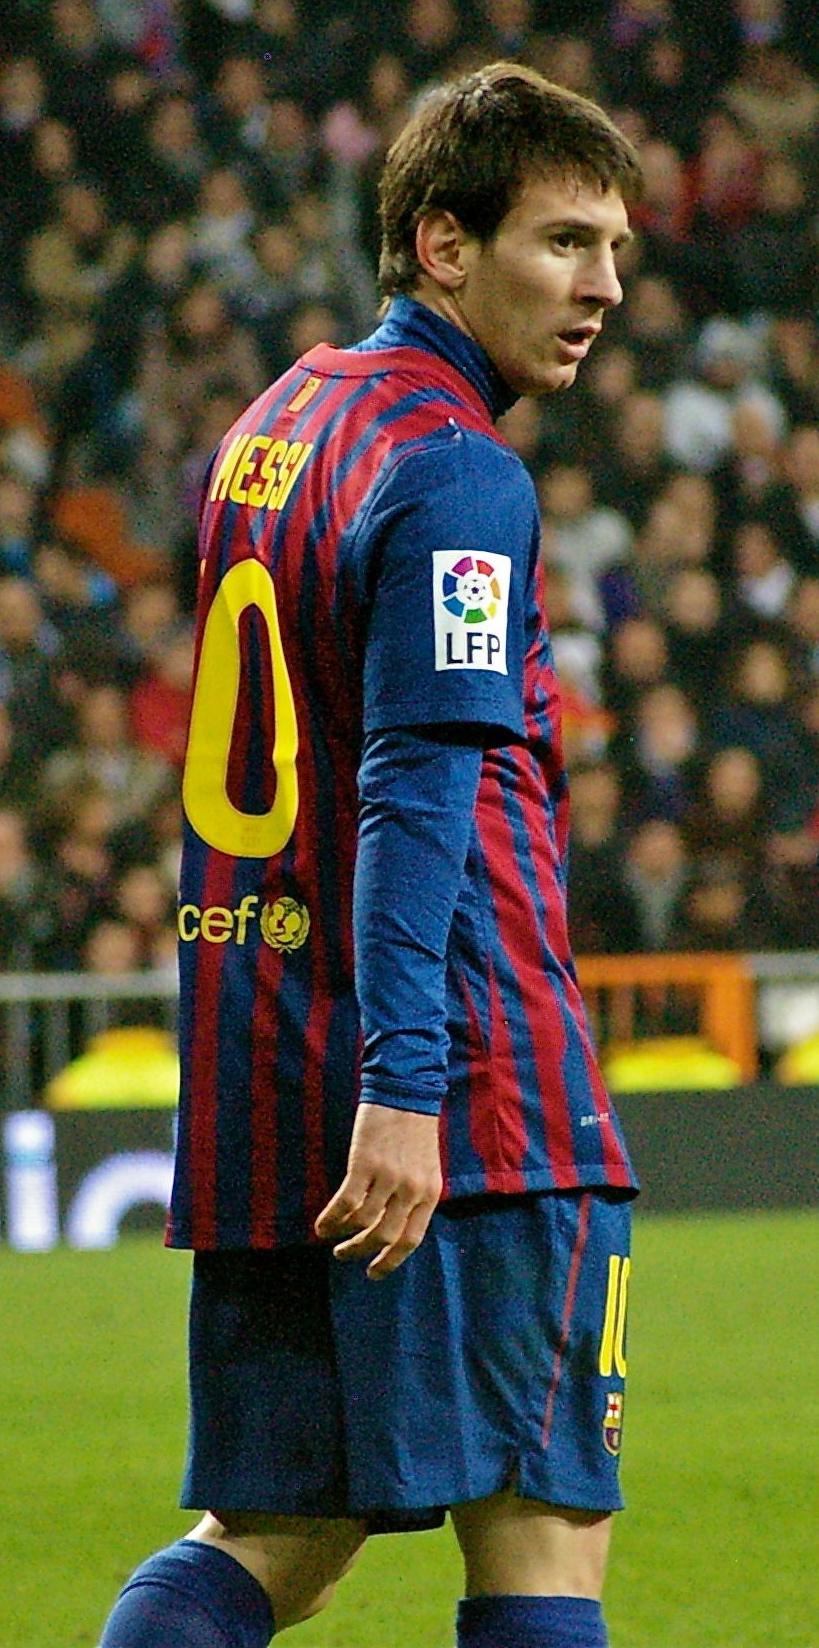 a5648f29adc7c Messi no derby contra o Real Madrid. Nesse jogo